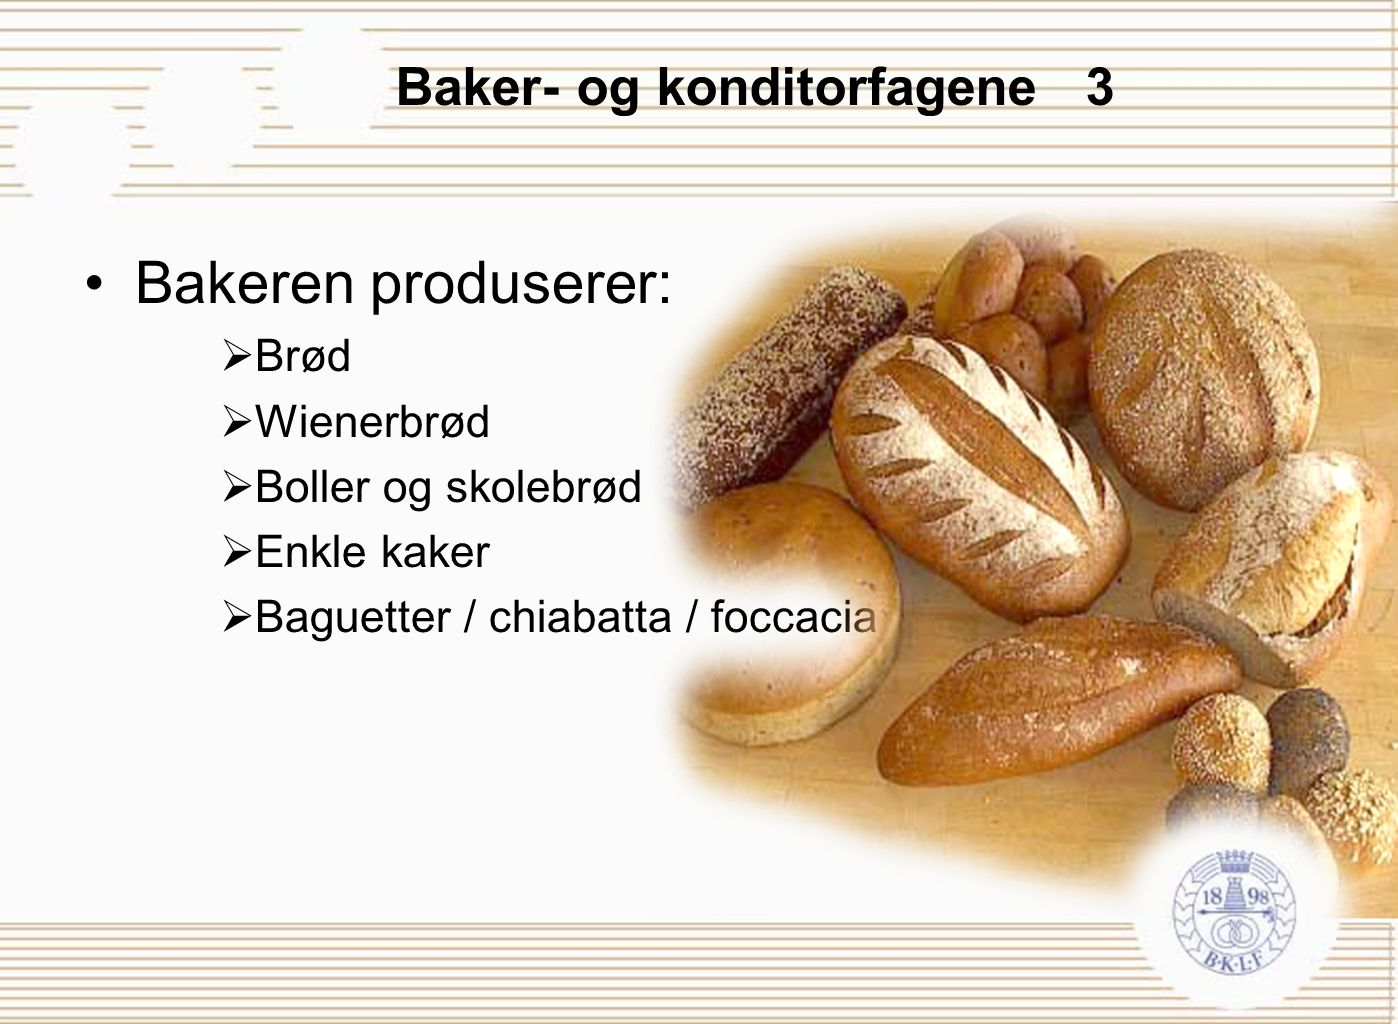 Baker- og konditorfagene 3 Bakeren produserer:  Brød  Wienerbrød  Boller og skolebrød  Enkle kaker  Baguetter / chiabatta / foccacia